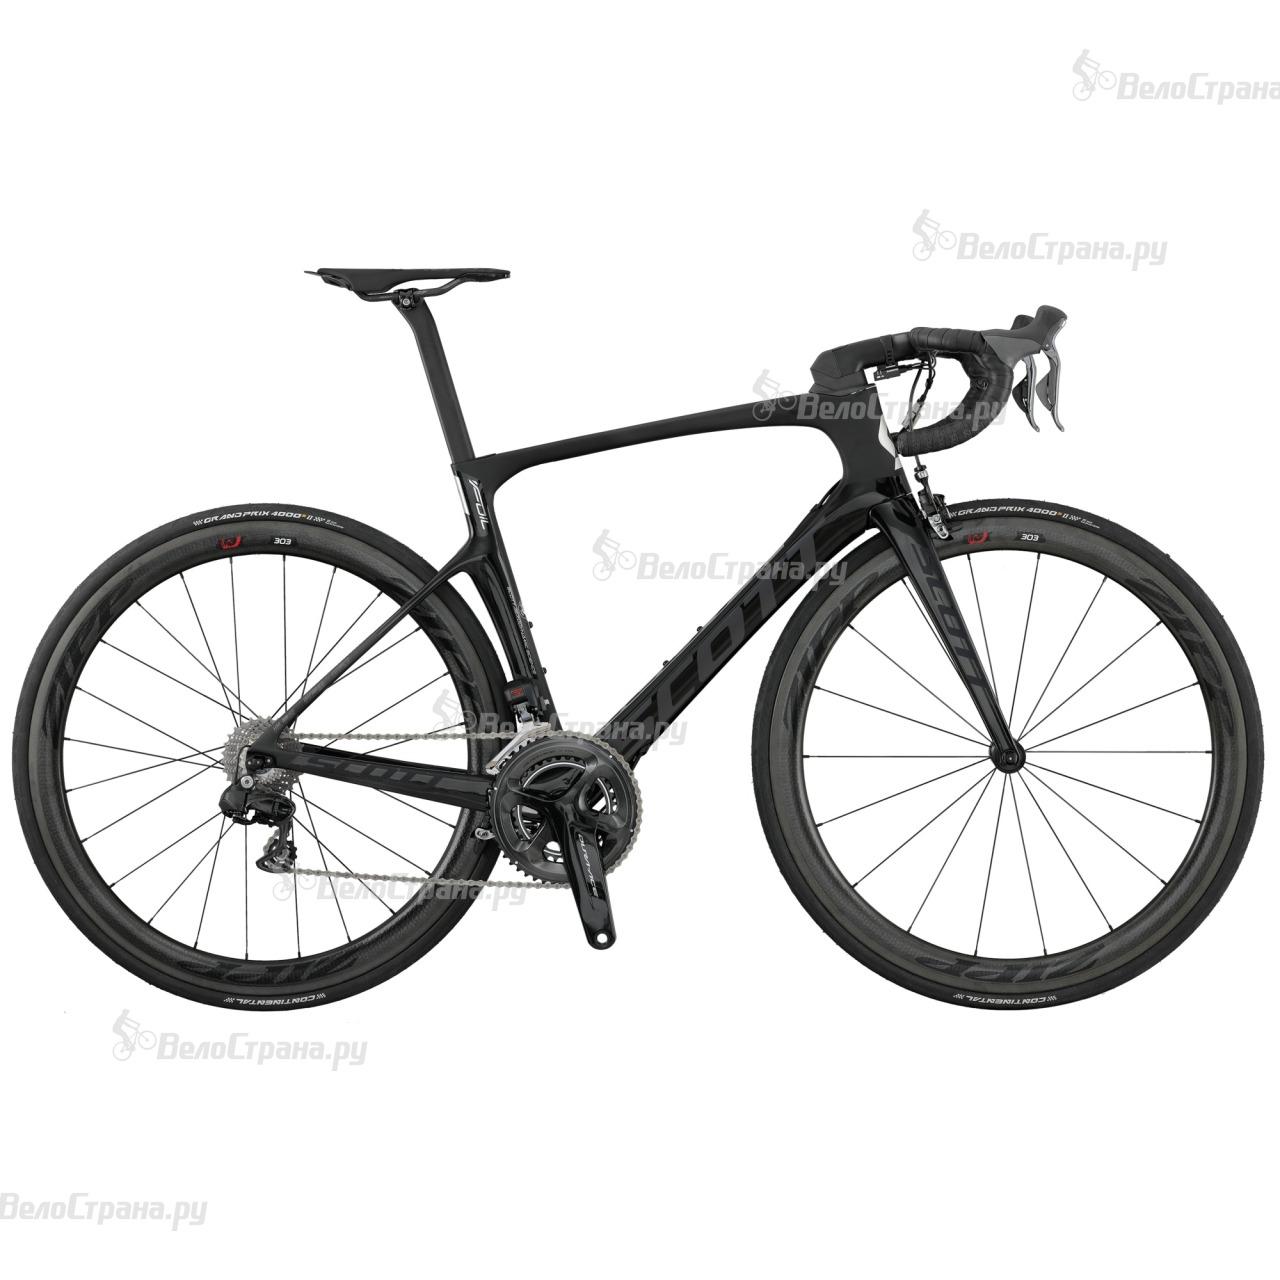 Велосипед Scott Foil Premium (2017)